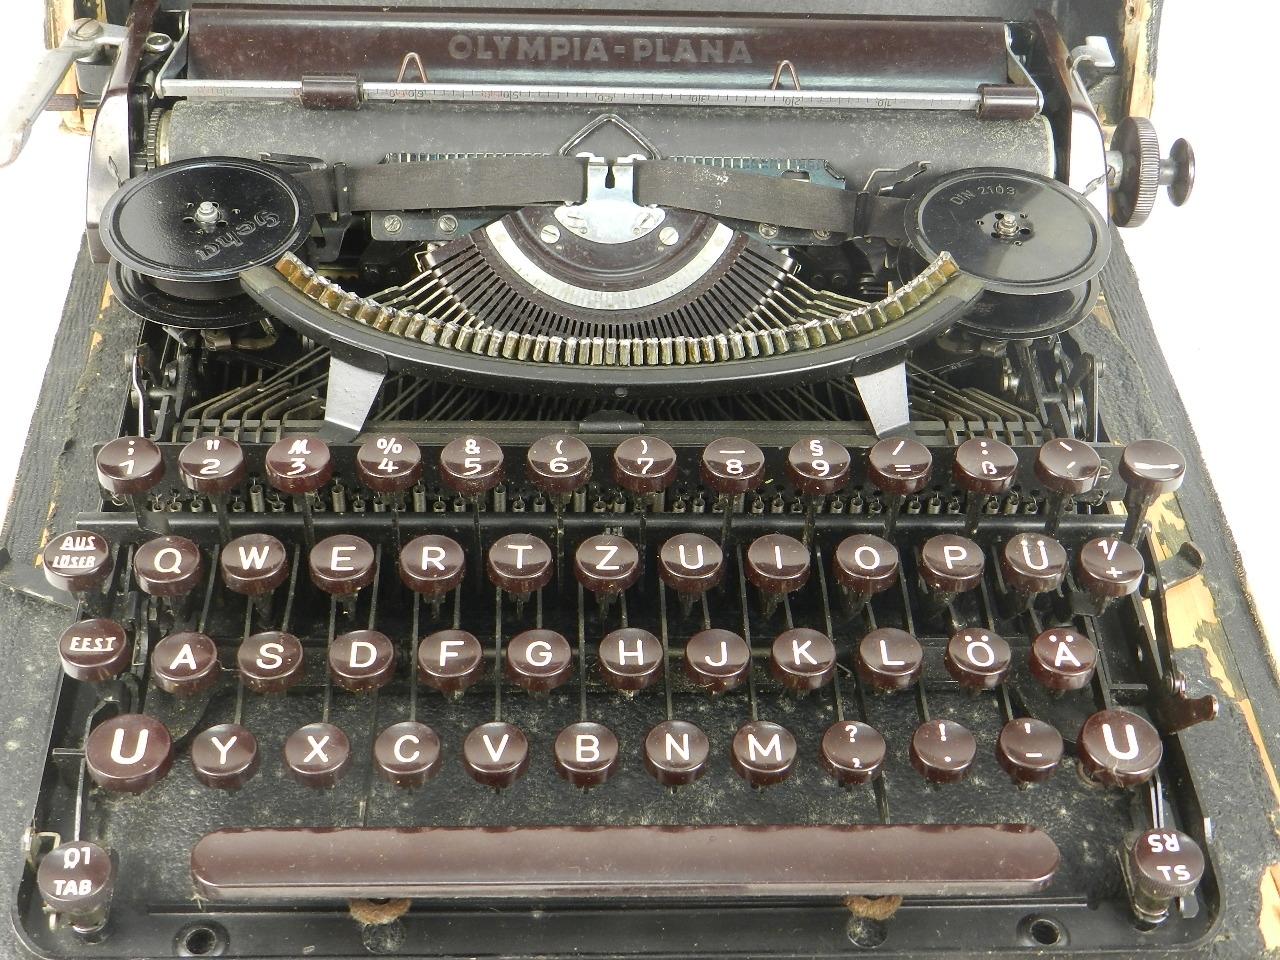 Imagen 2 MÁQUINAS OLYMPIA PLANA  AÑO 1940 27333